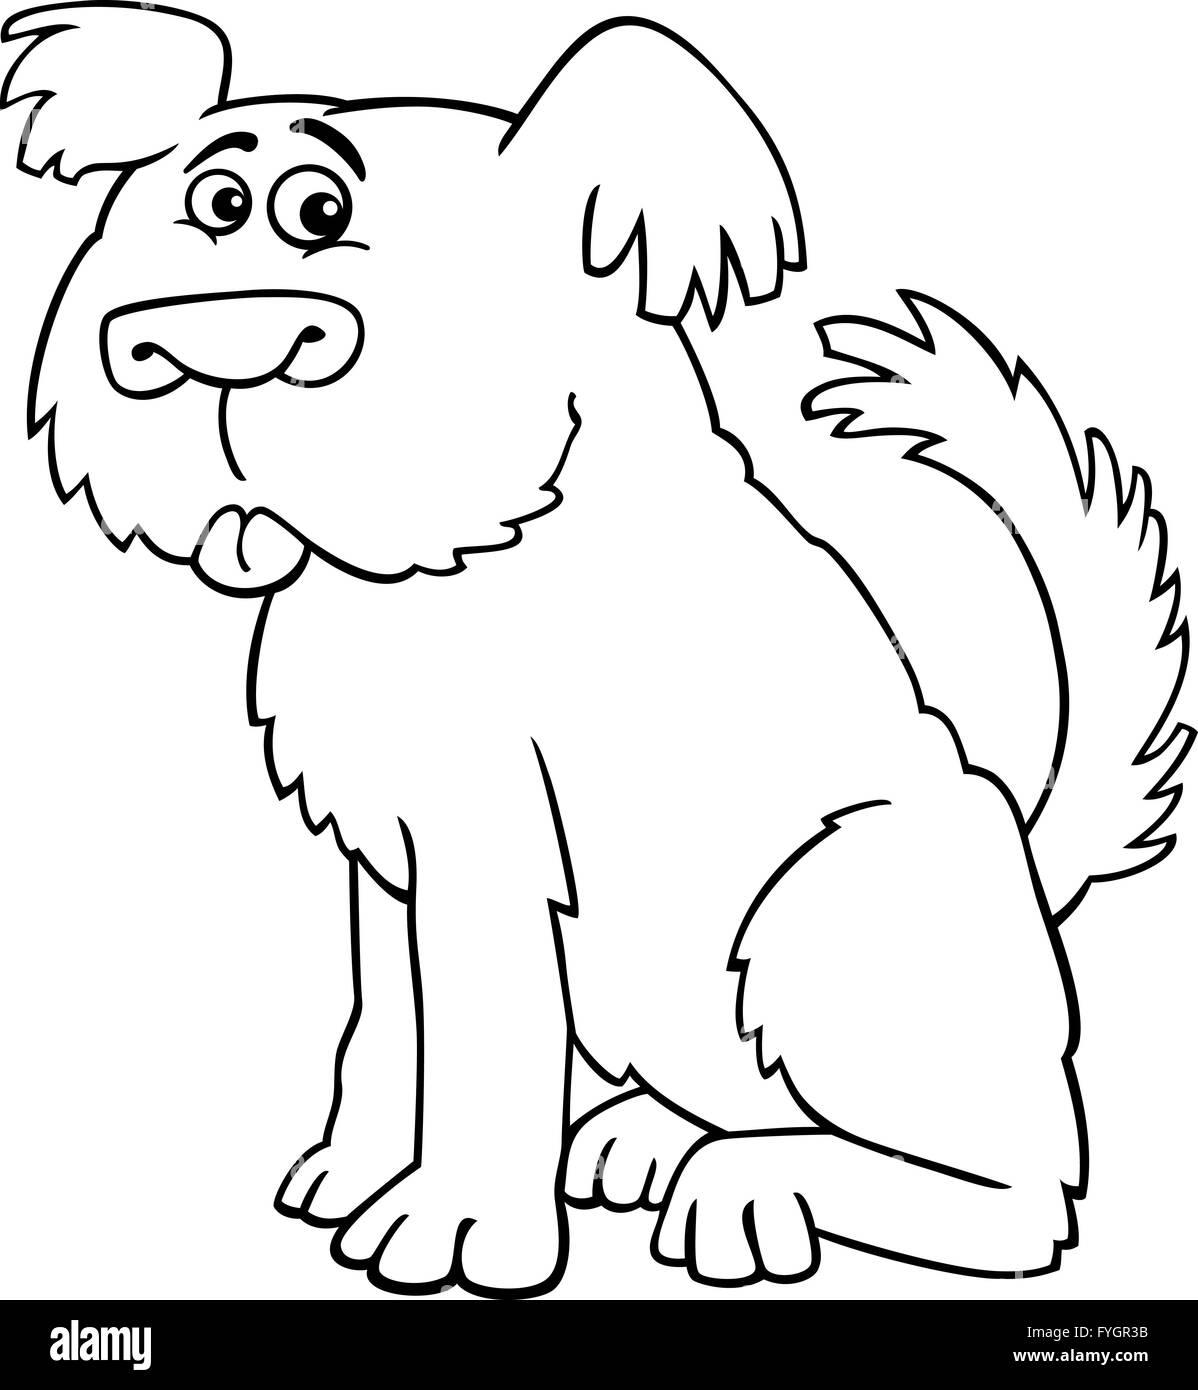 Sheepdog Dog Coloring Book Stockfotos & Sheepdog Dog Coloring Book ...